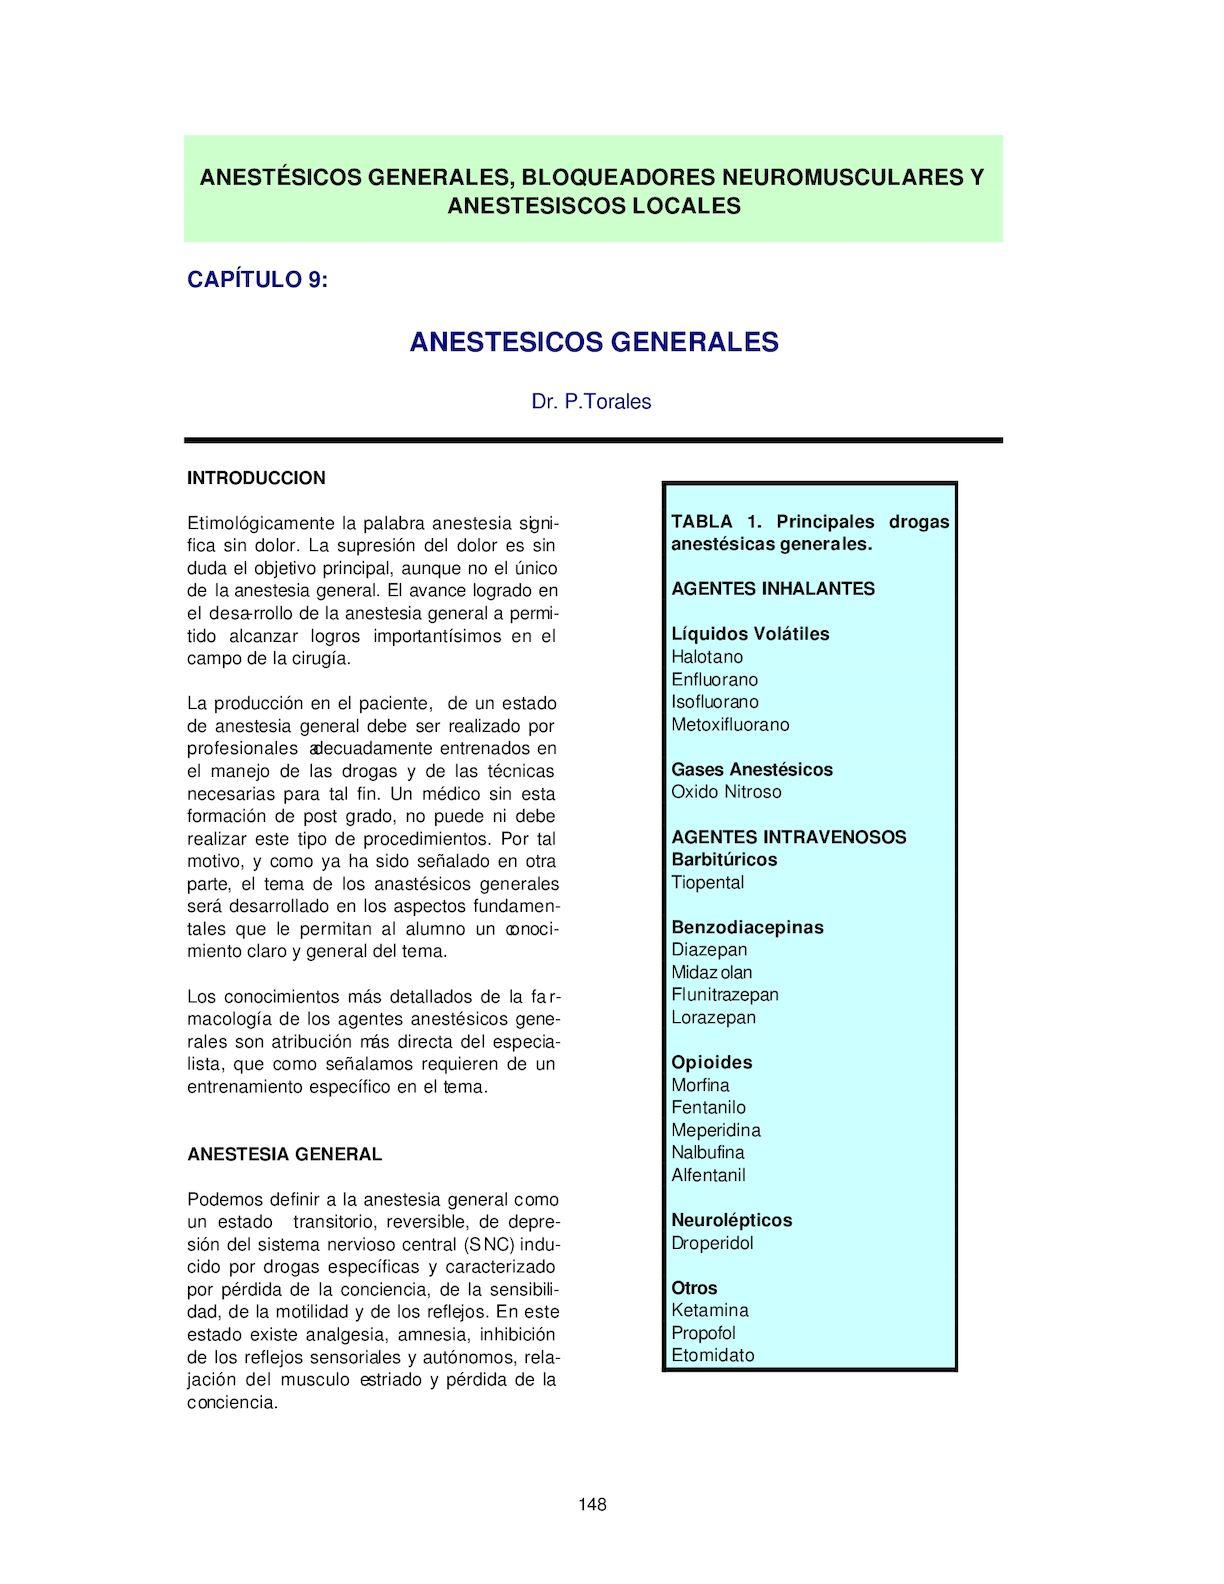 Tipos de anestesia general inhalada